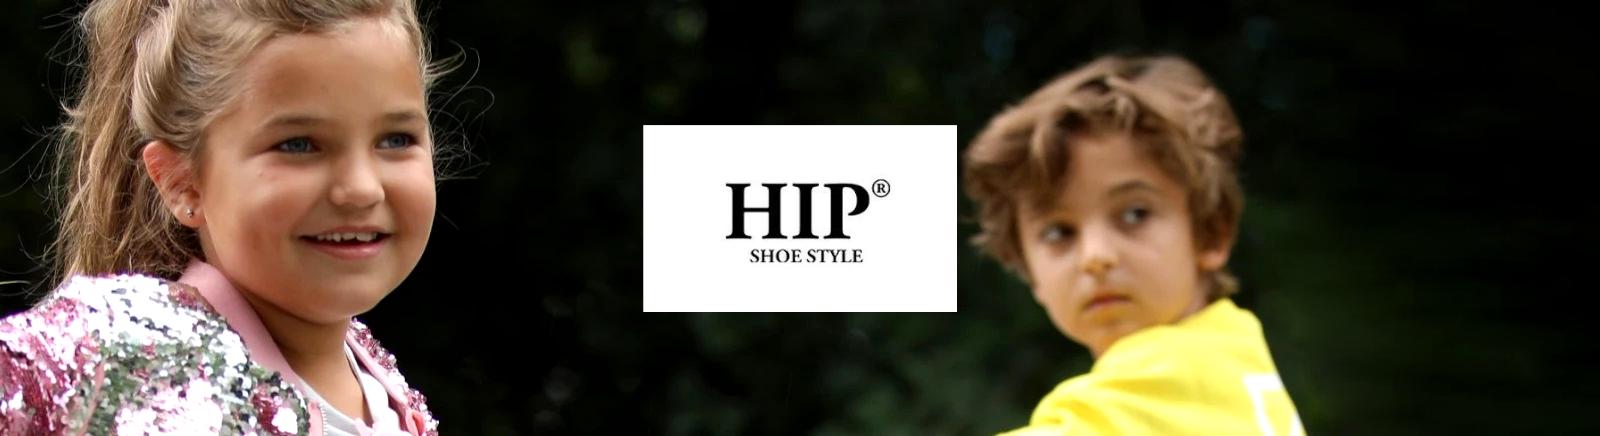 Juppen: HIP Halbschuhe für Mädchen und Jungen online shoppen